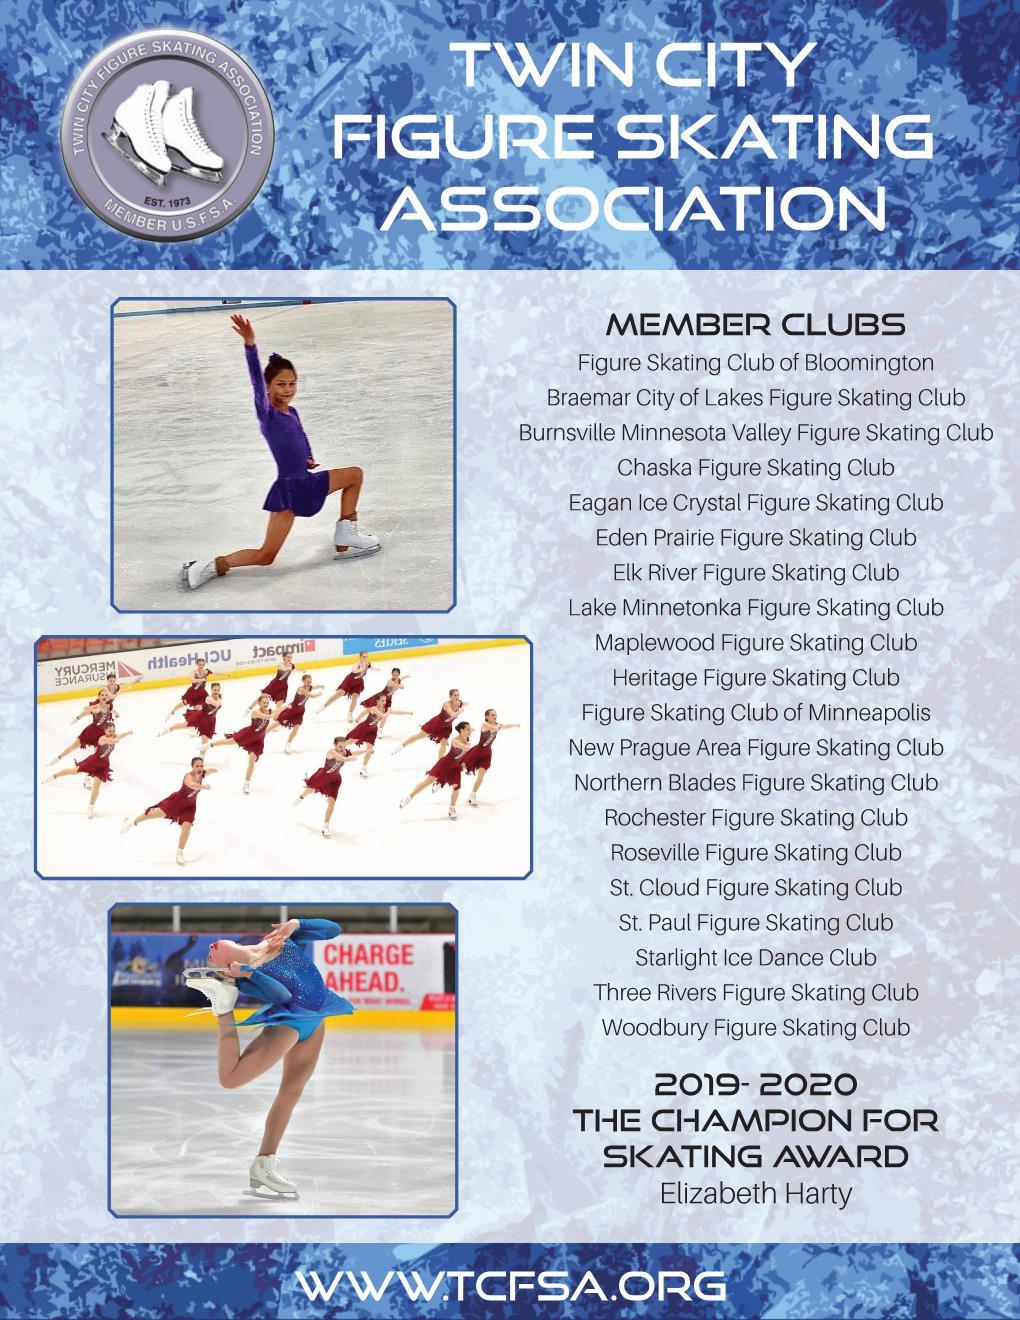 2019- 2020 The Champion for Skating Award